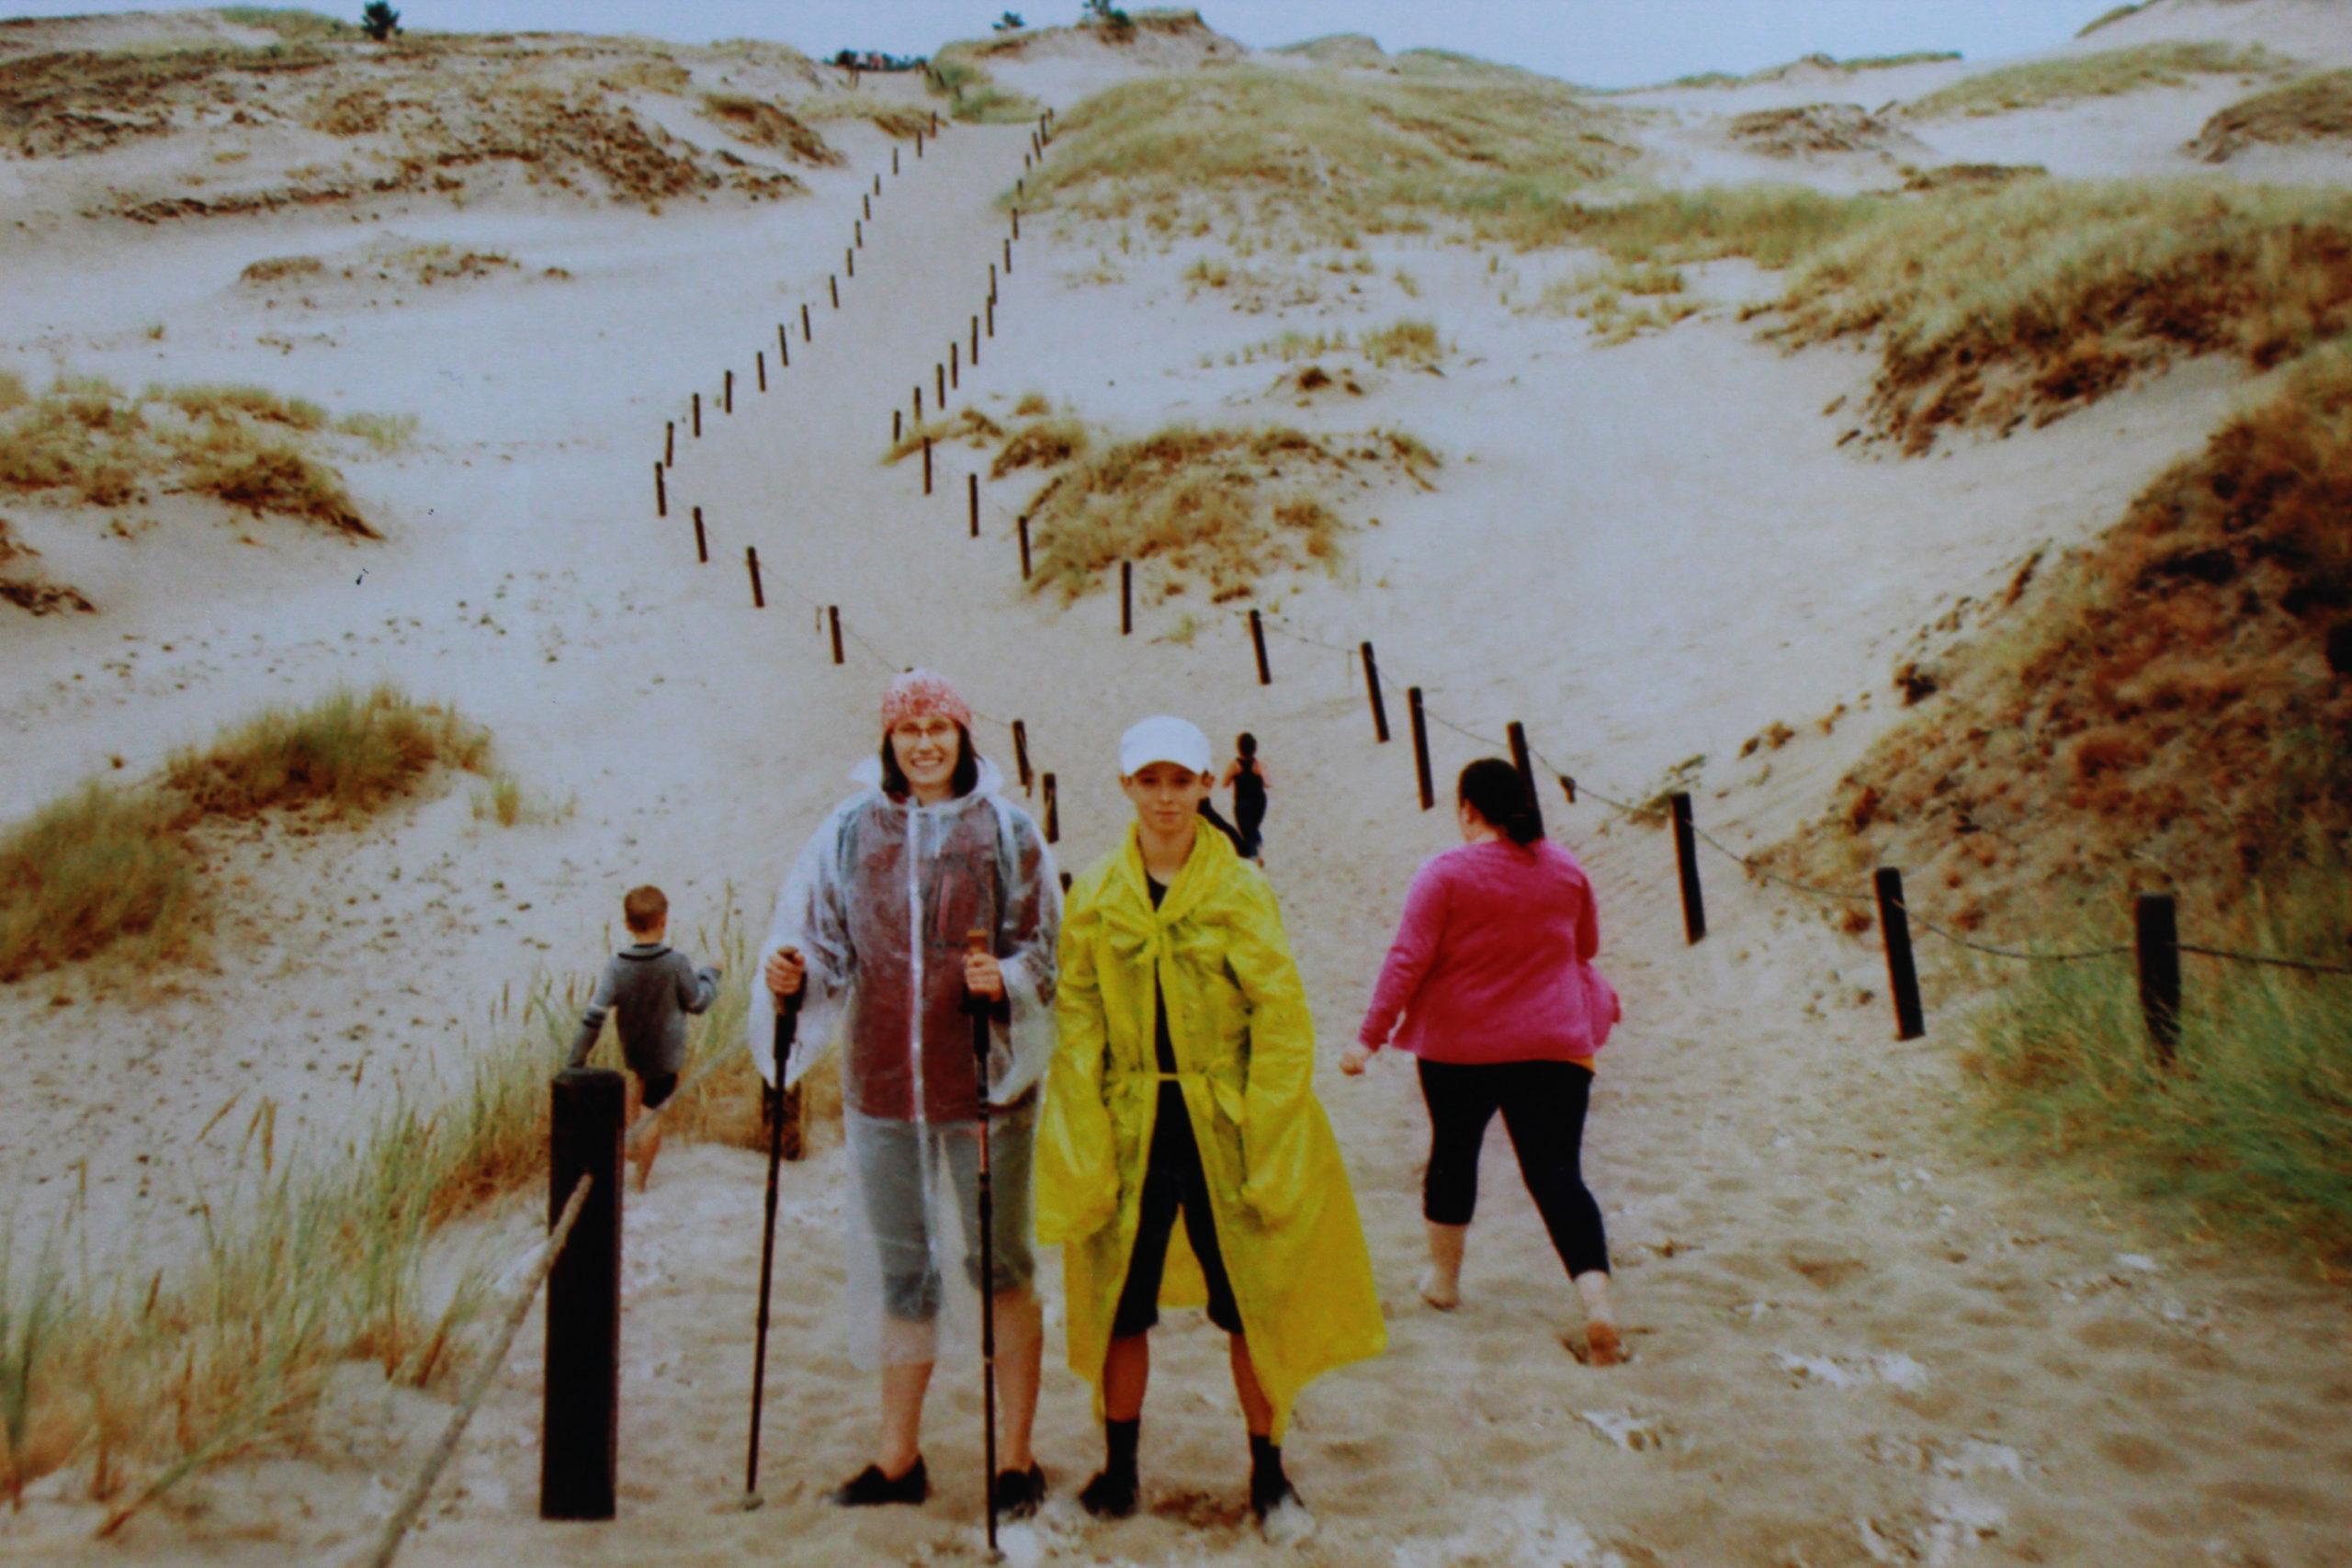 piesza wędrówka wydmami